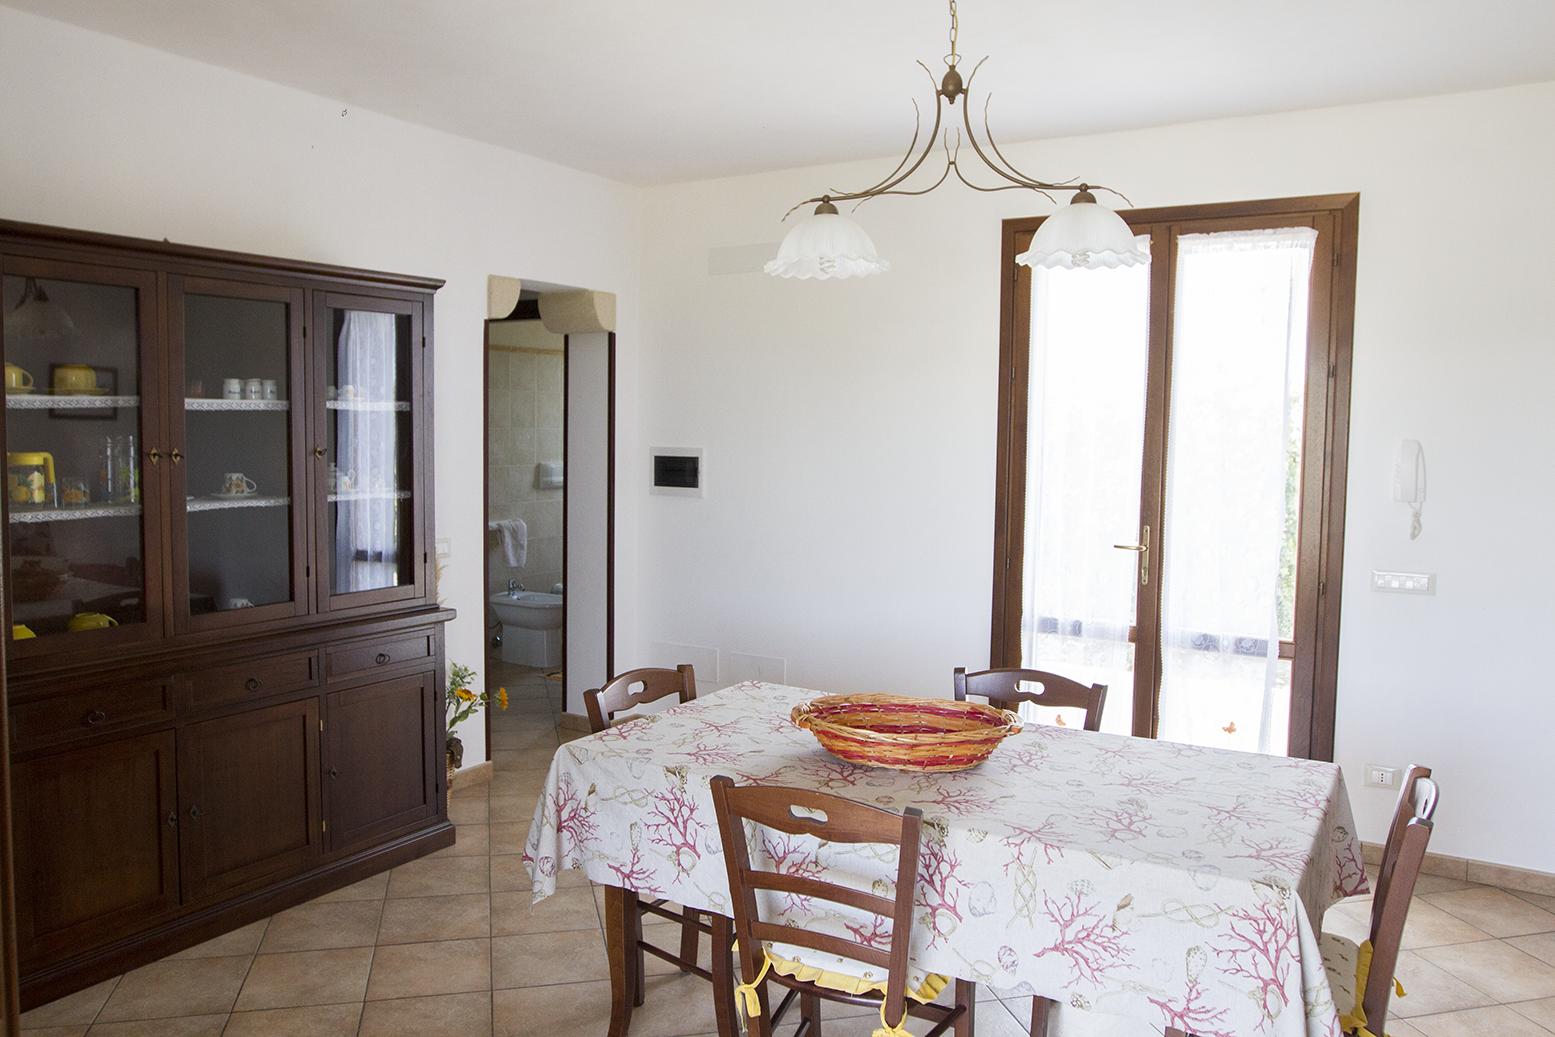 Villetta elianna vacanze a favignana for Soggiorno favignana